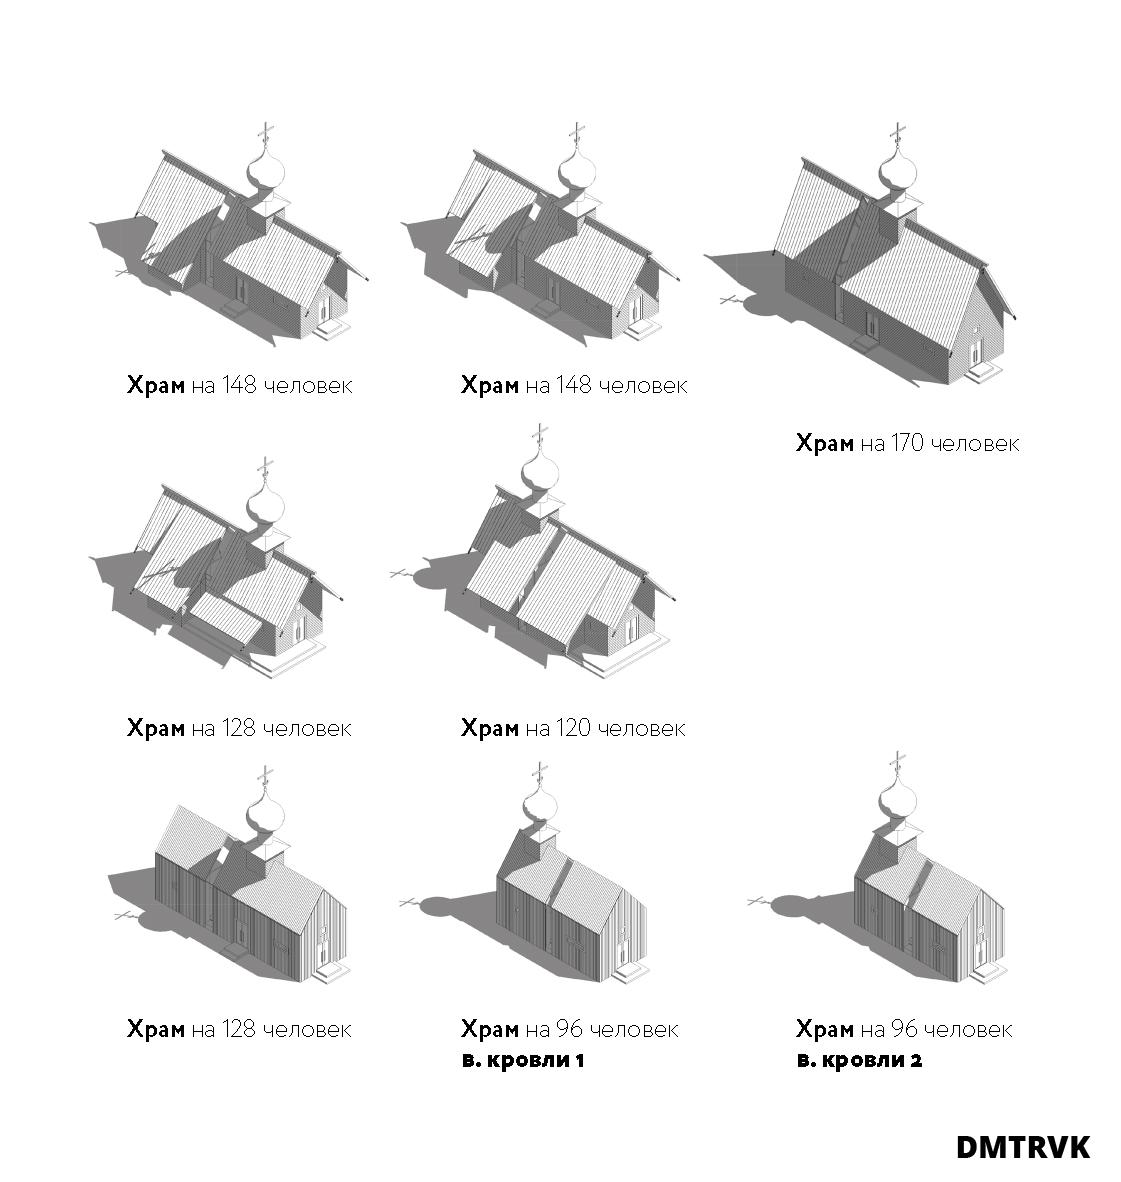 Концепция малых храмов. Варианты композиционных решений. ©DMTRVK